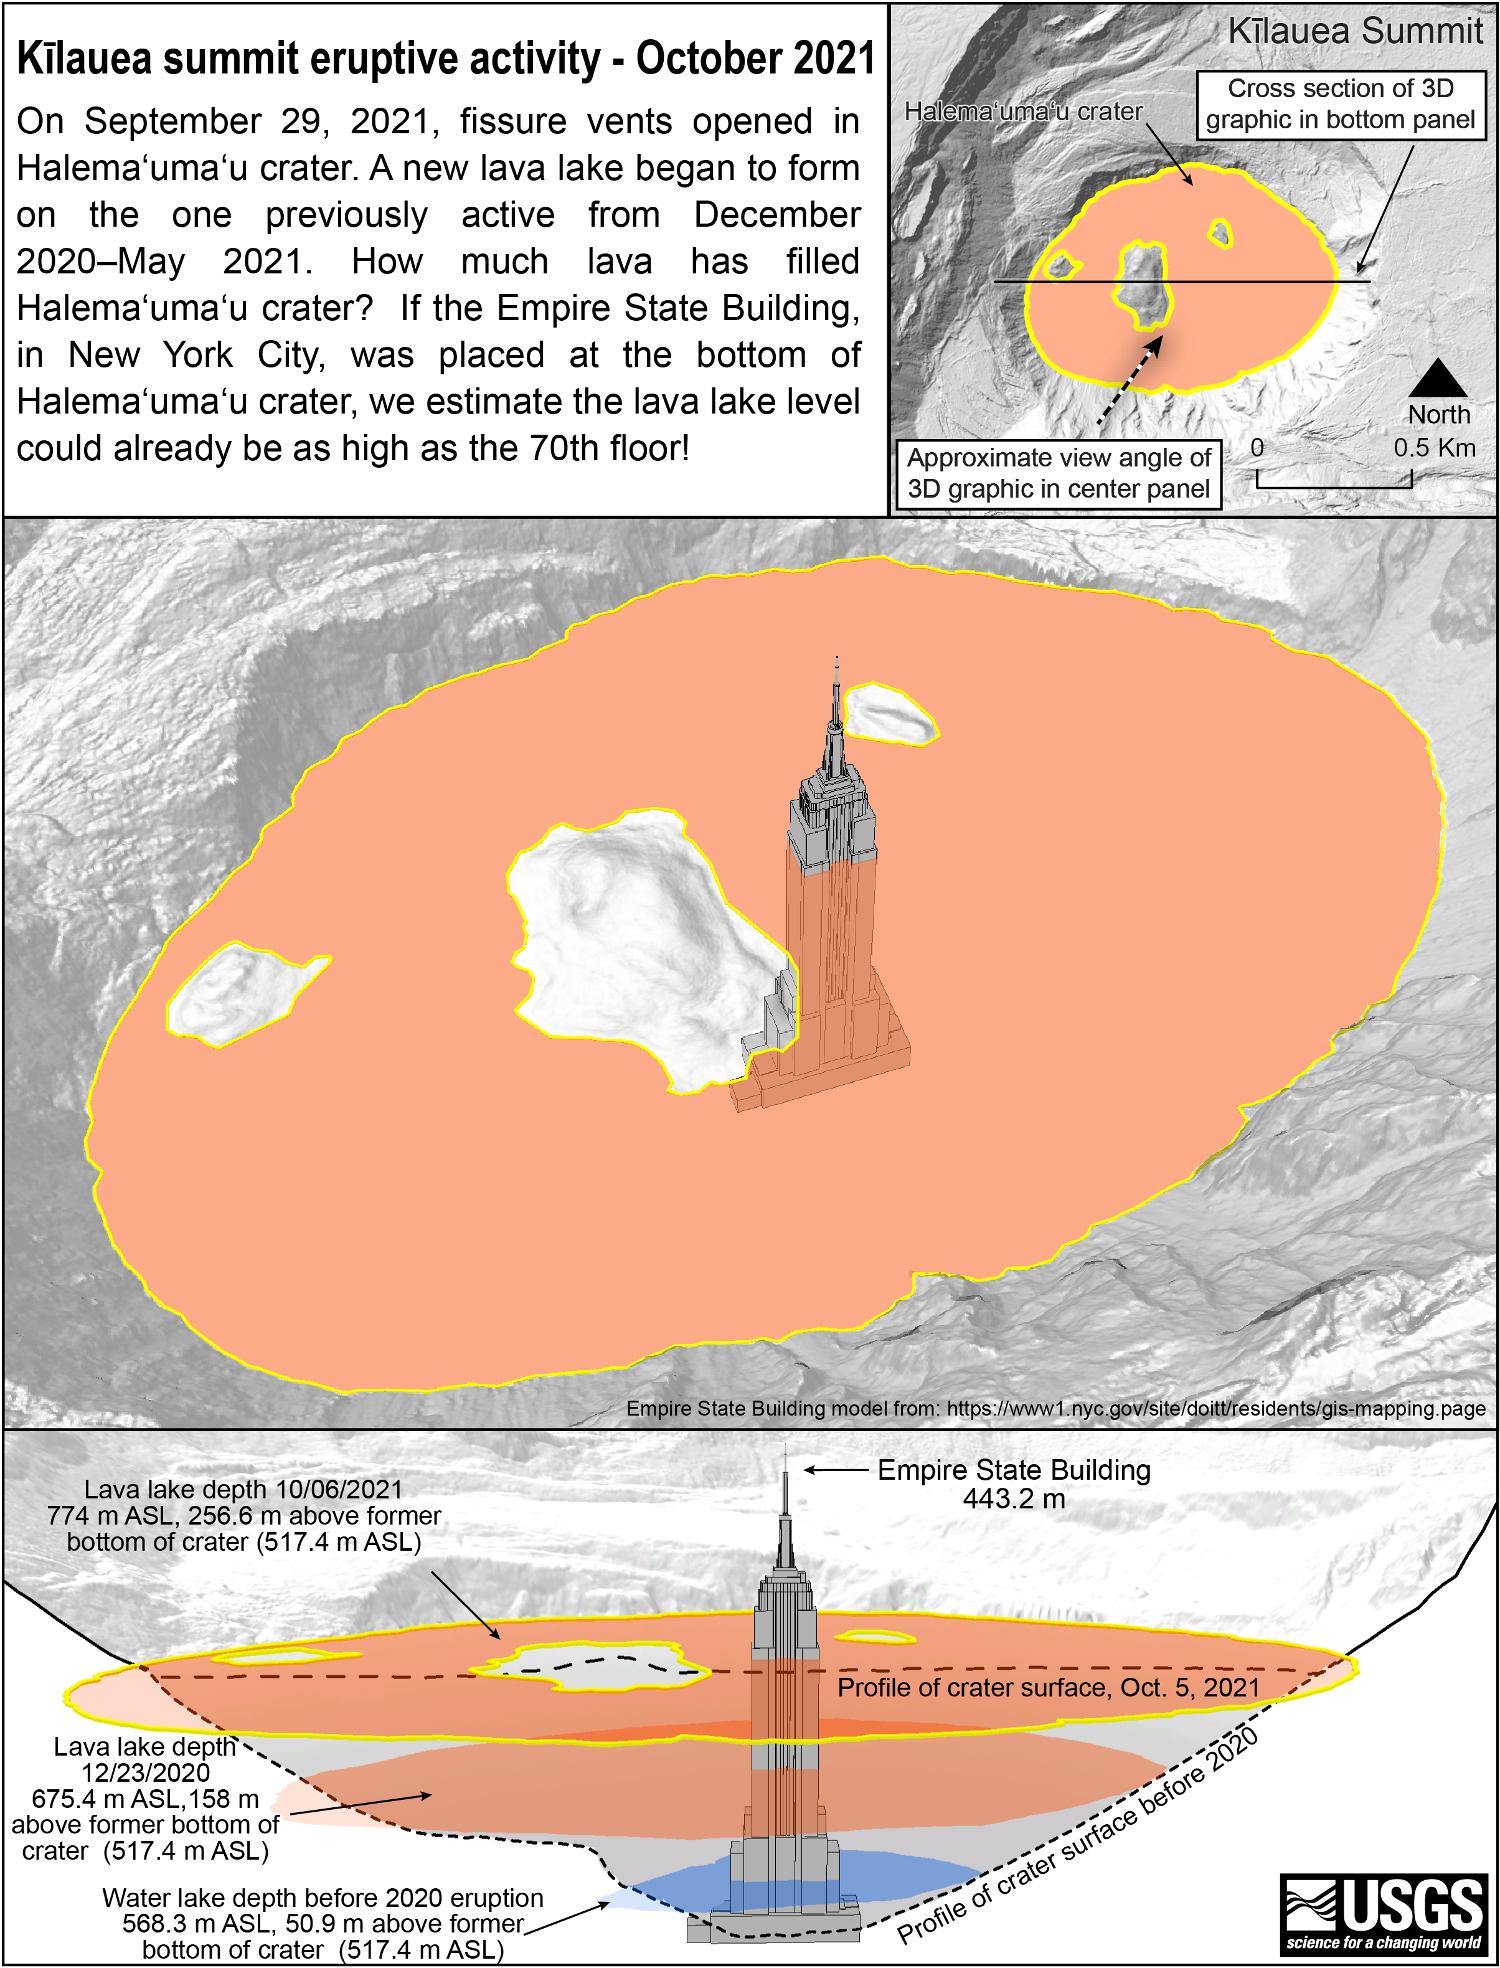 Kilaua lava lake depth increases